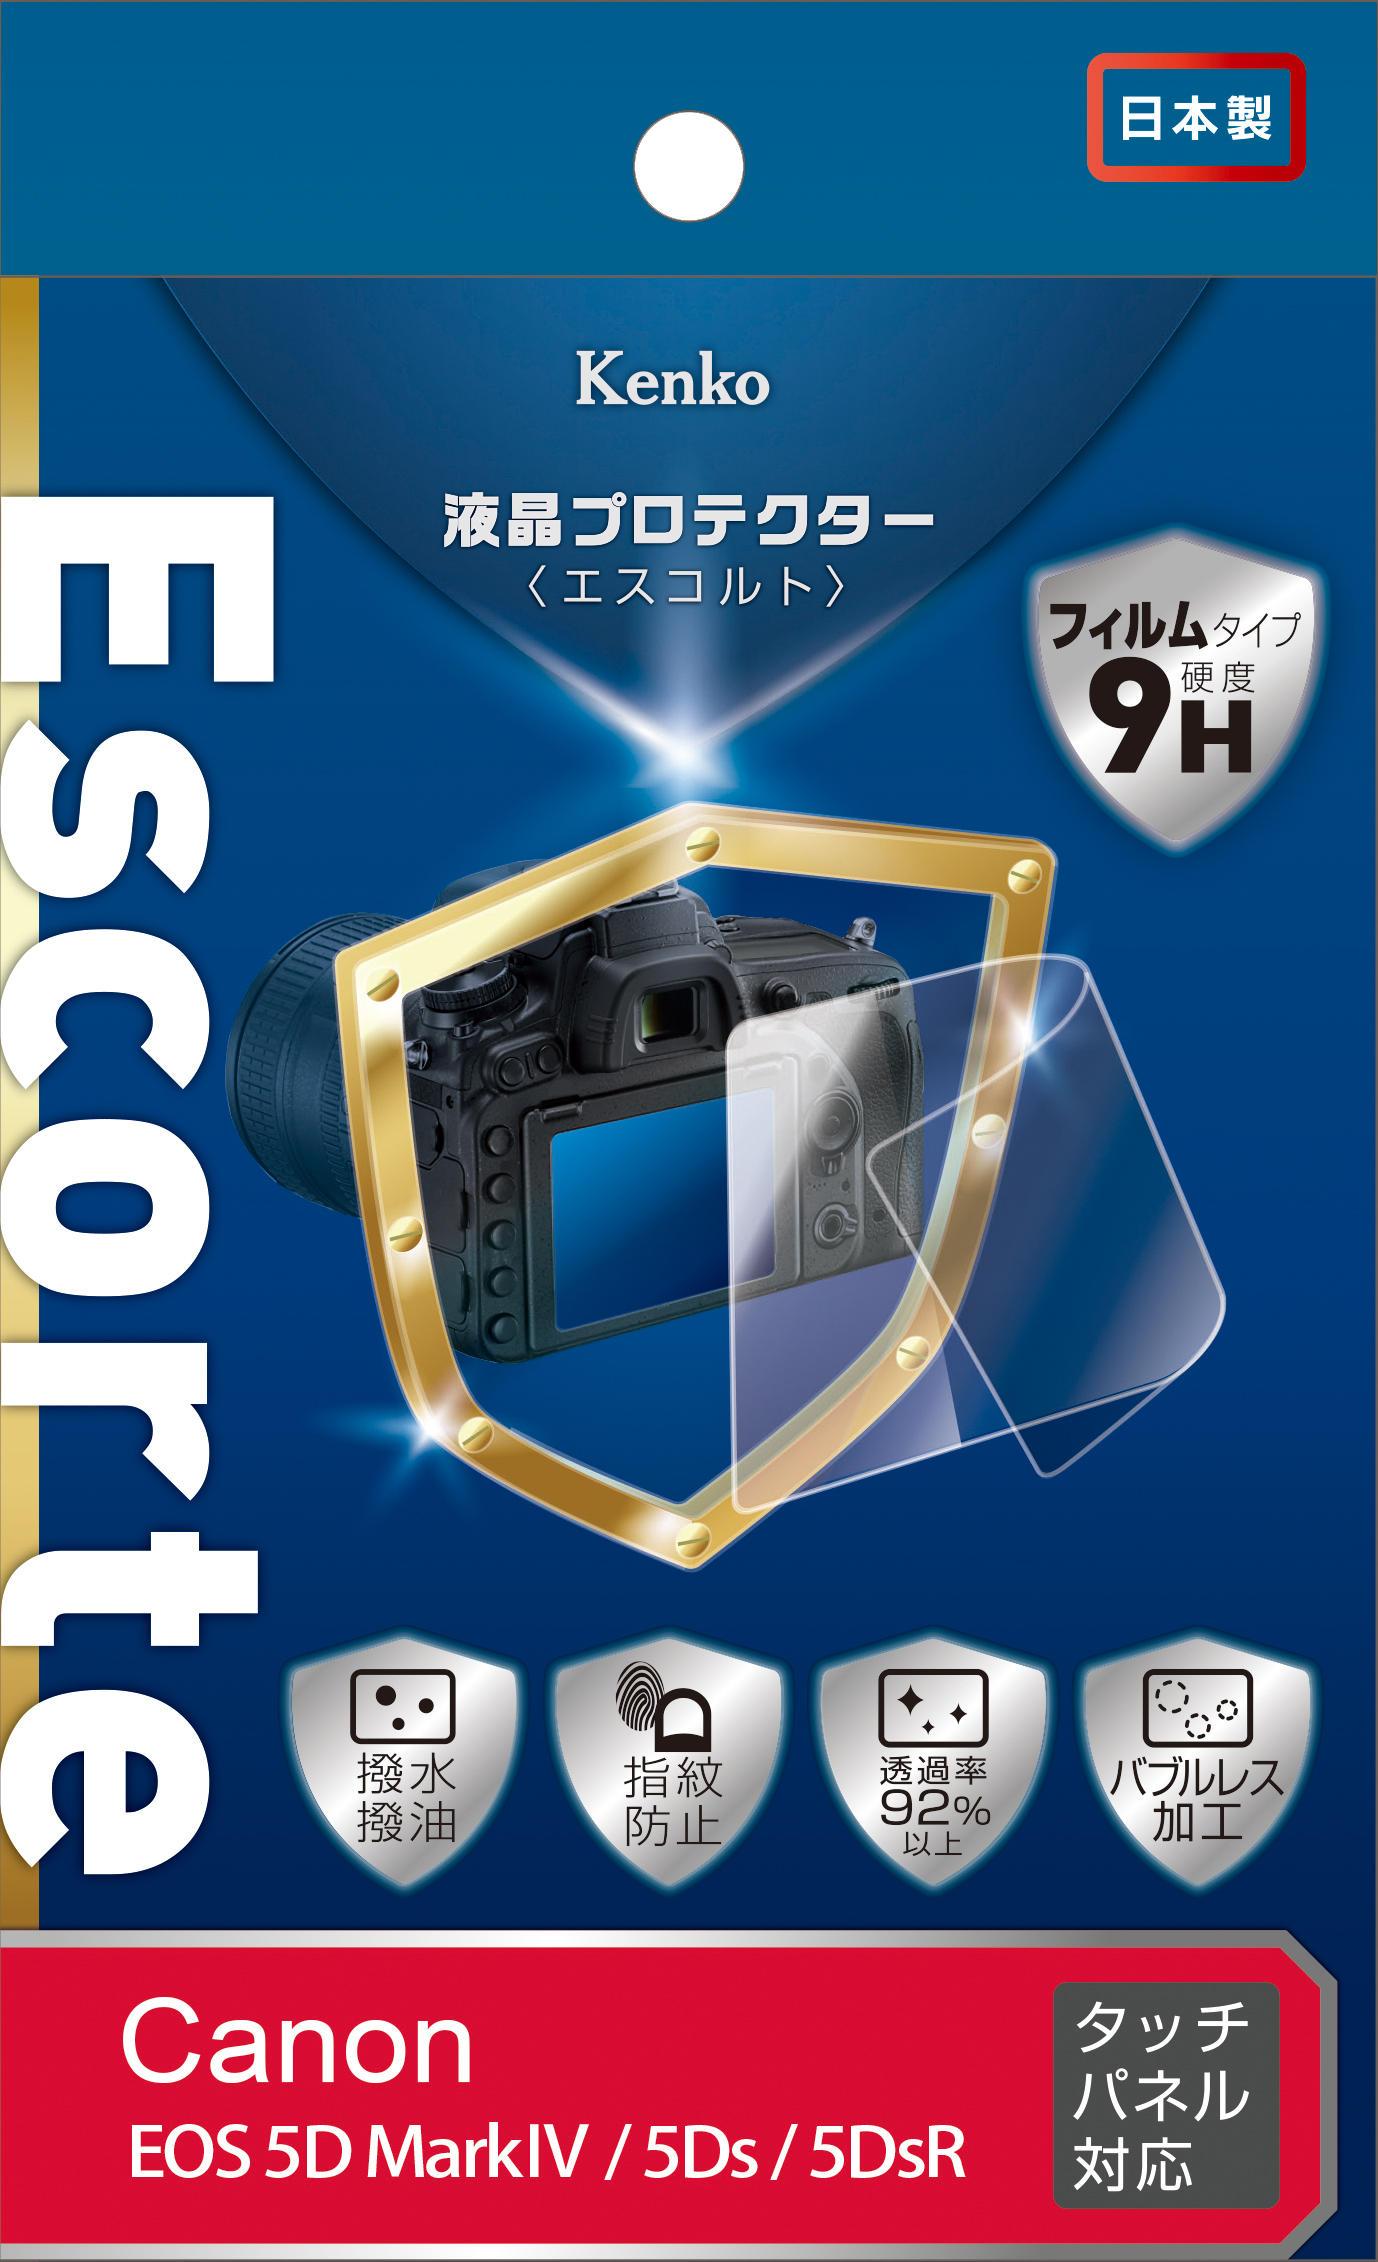 http://www.kenko-tokina.co.jp/imaging/eq/mt-images/4961607717424.jpg